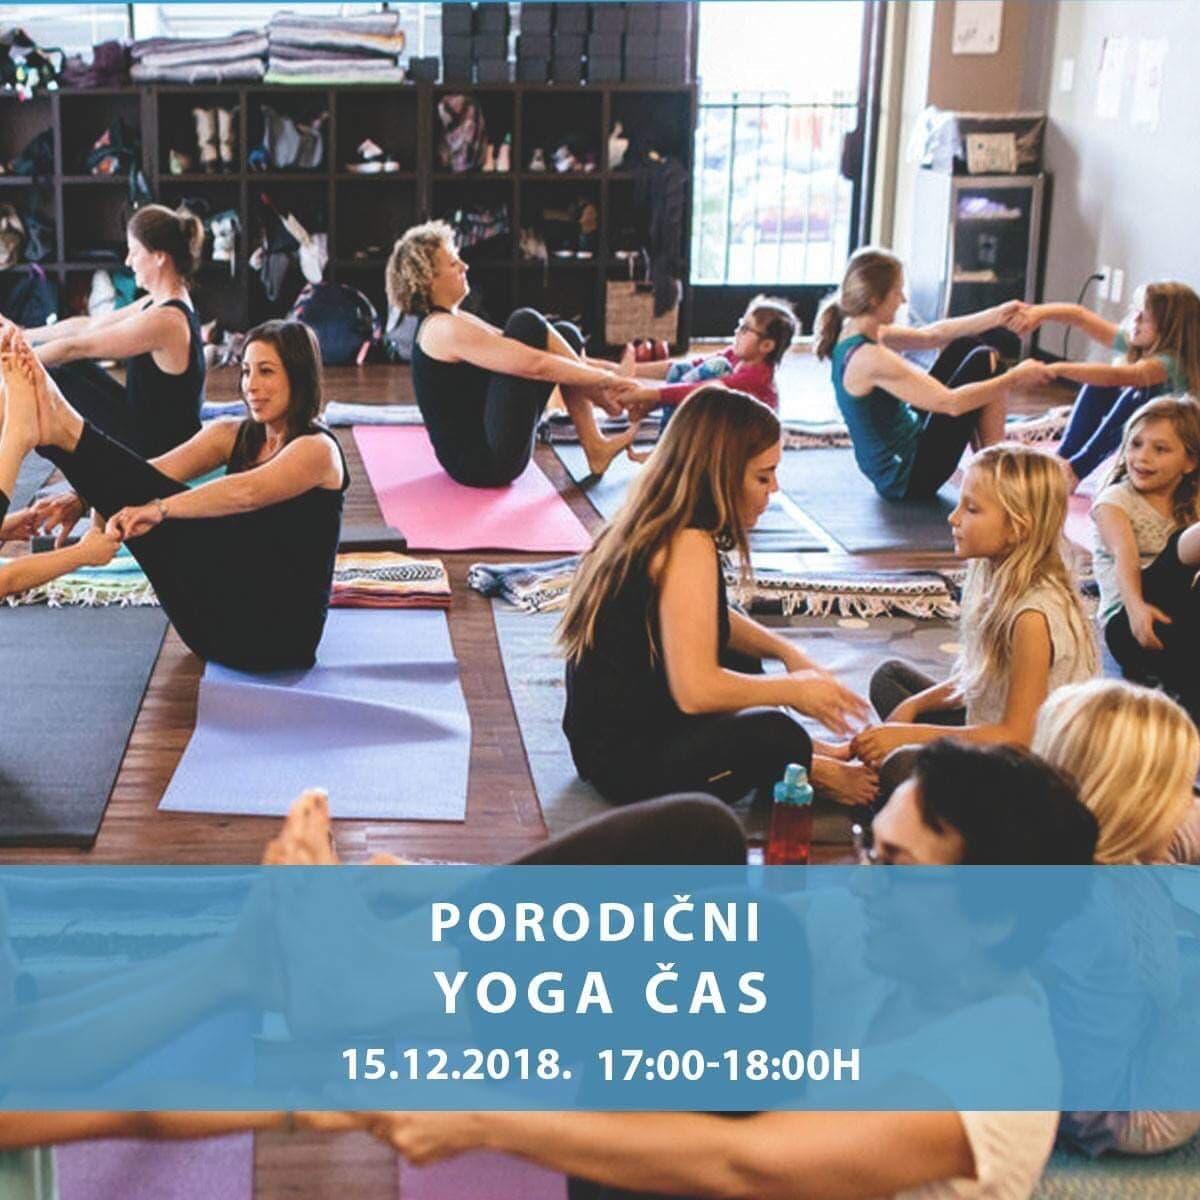 Porodični yoga čas - 15. decembar 2018.